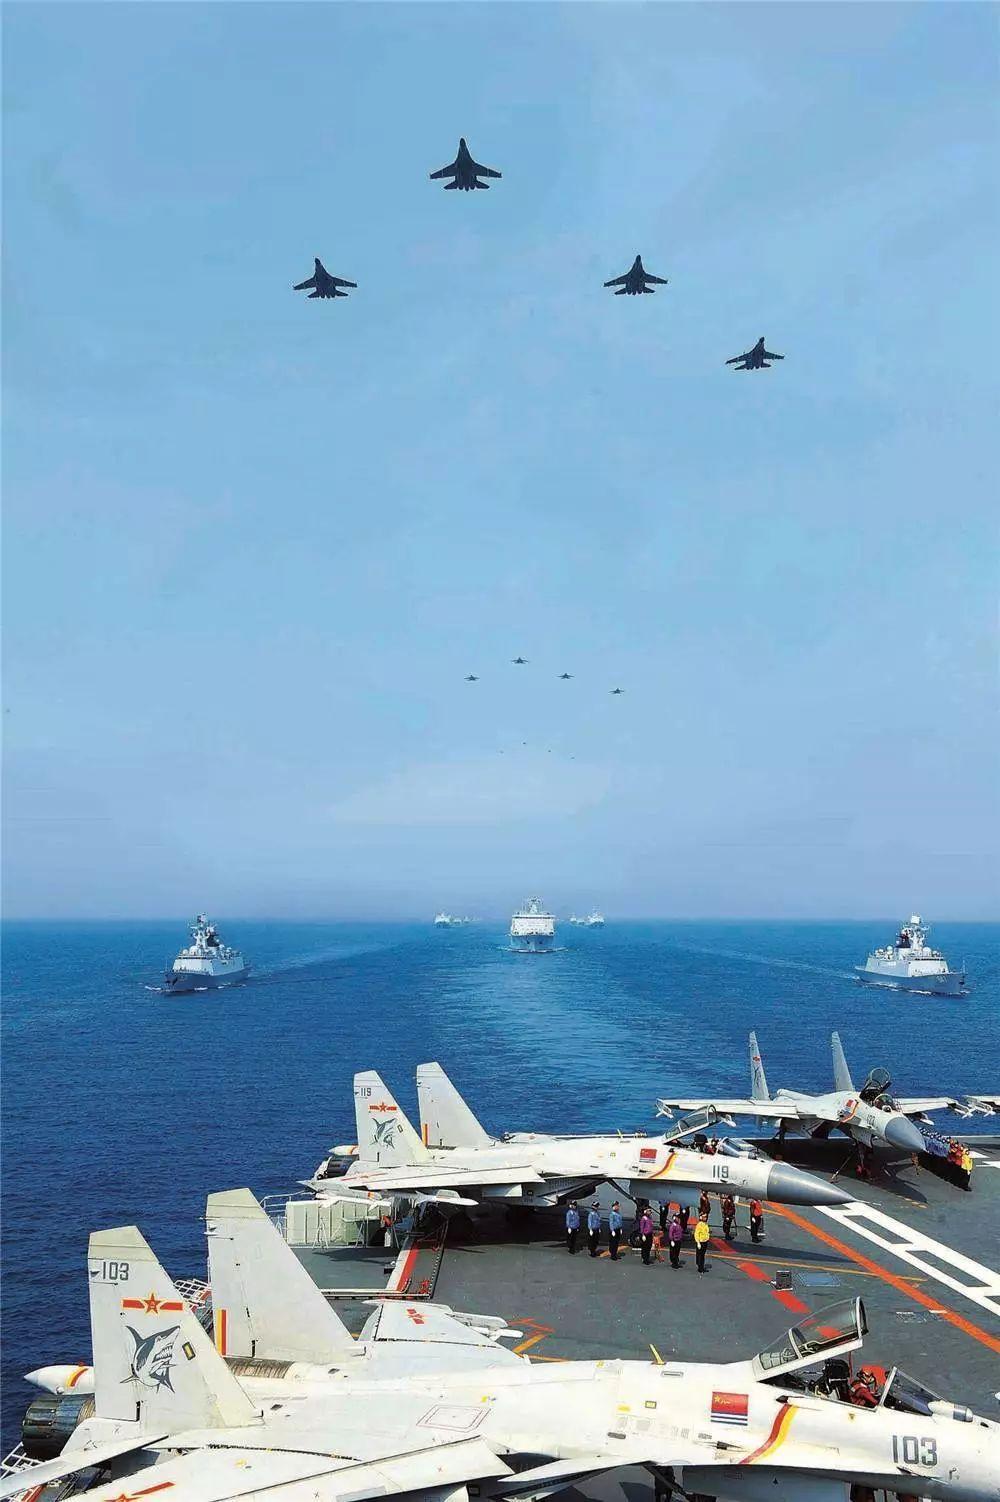 幸运飞艇首尾相加规律:军报评论:向海图强,建设一支强大的人民海军